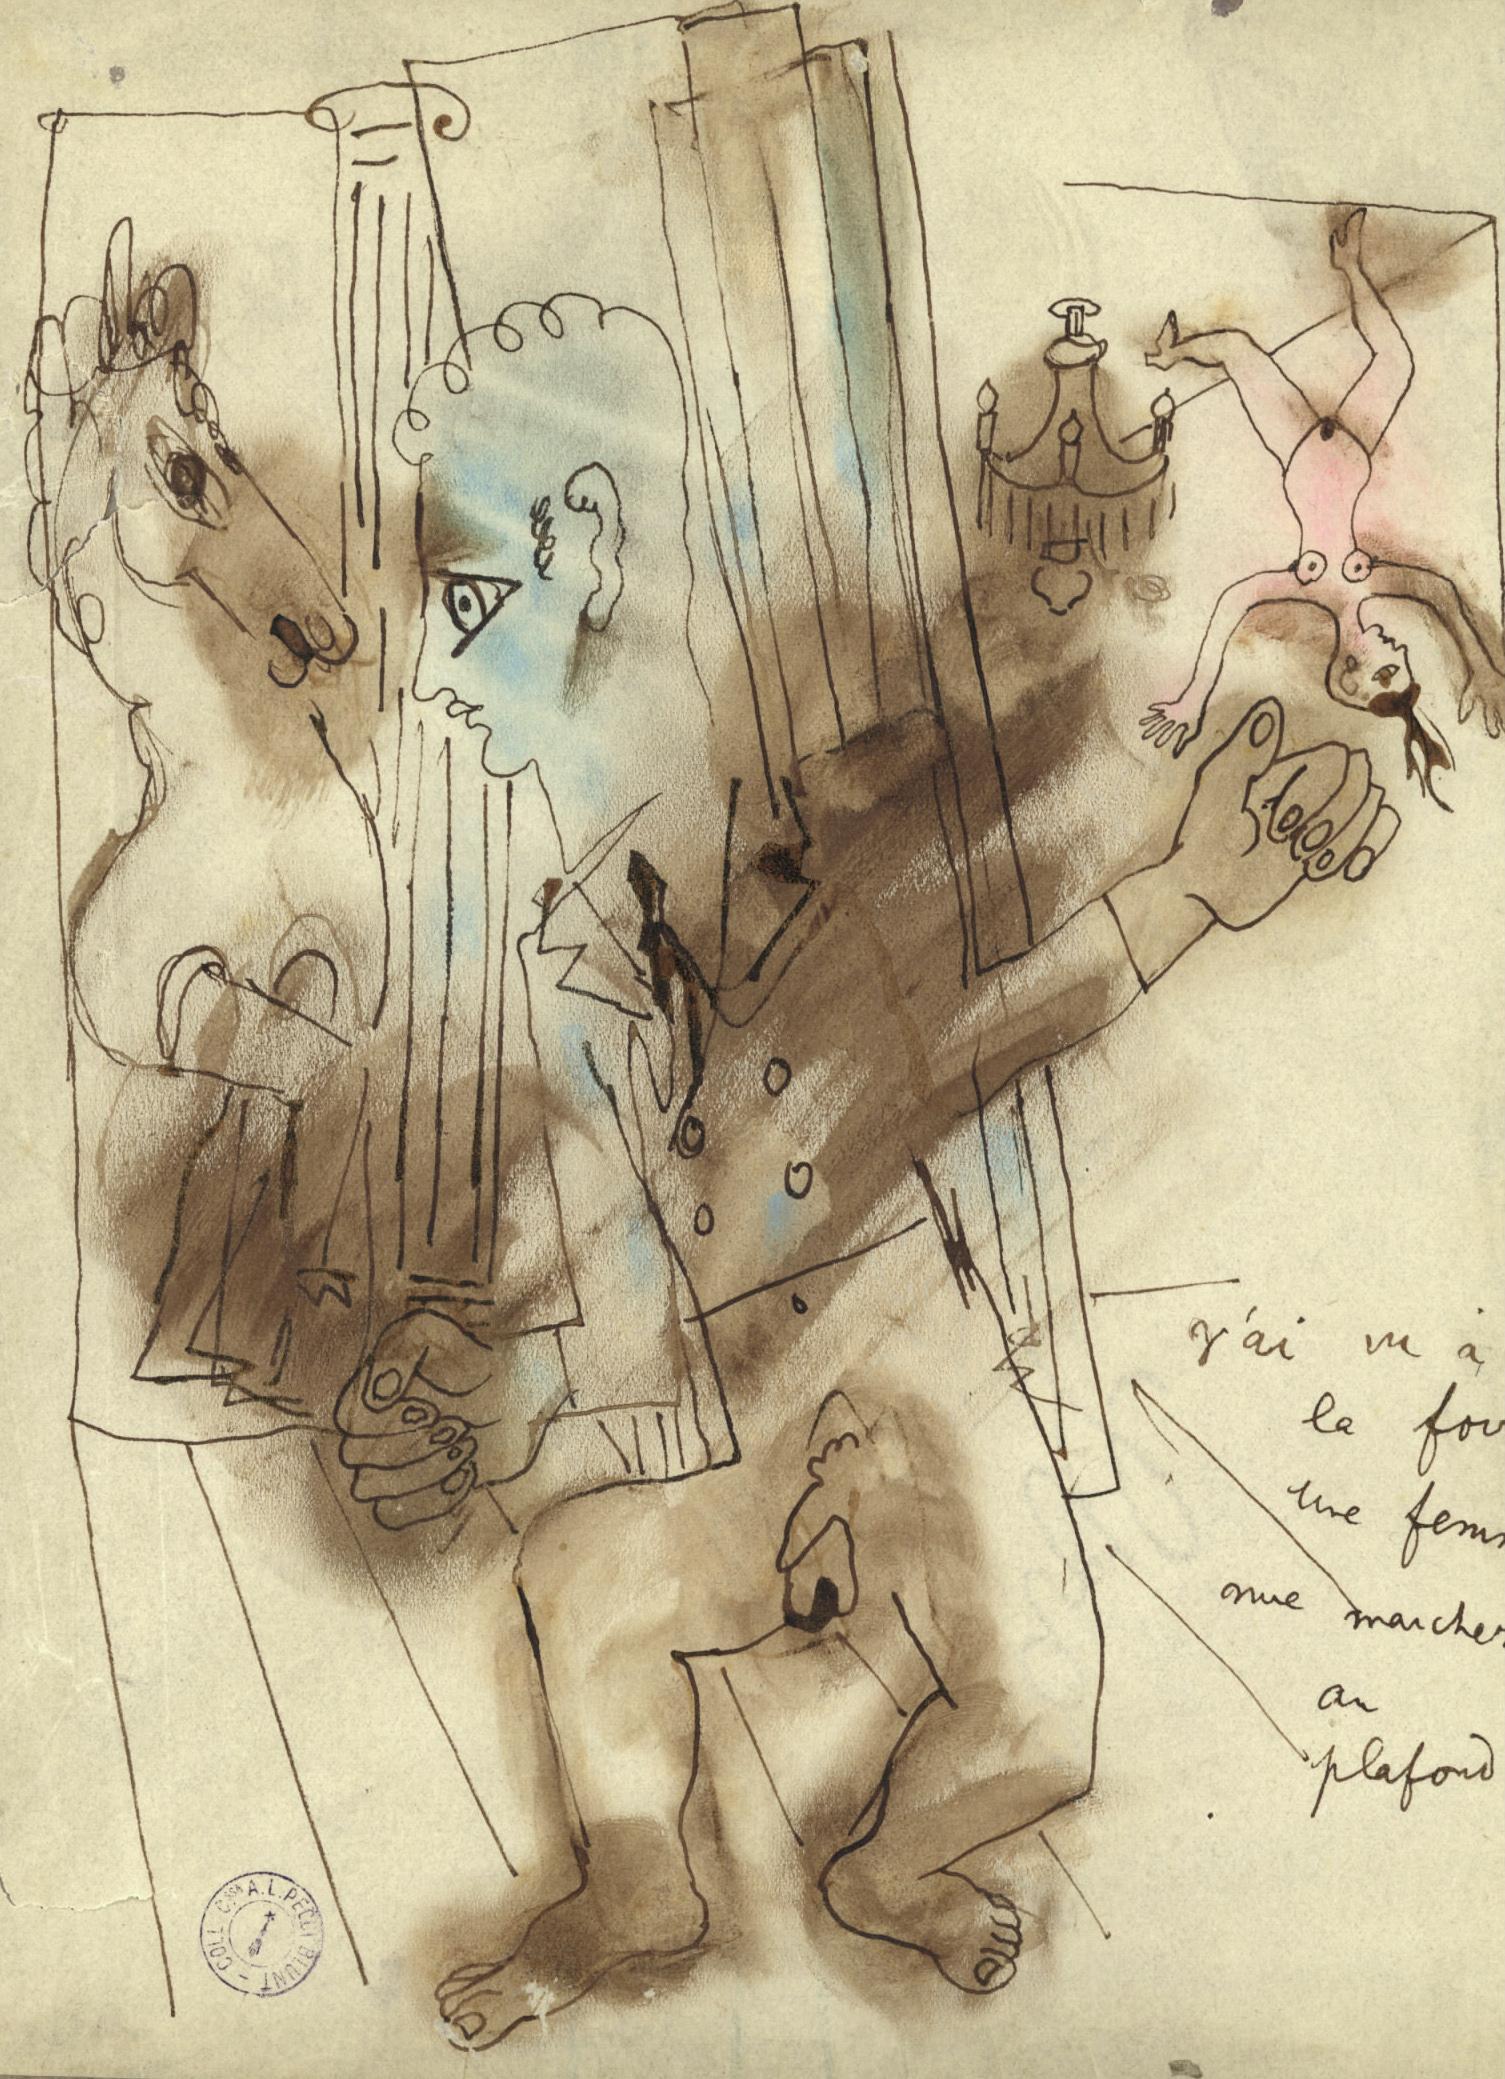 J'ai  Vu à la Foire une Femme Nue Marcher au Plafond - Drawing by J. Cocteau